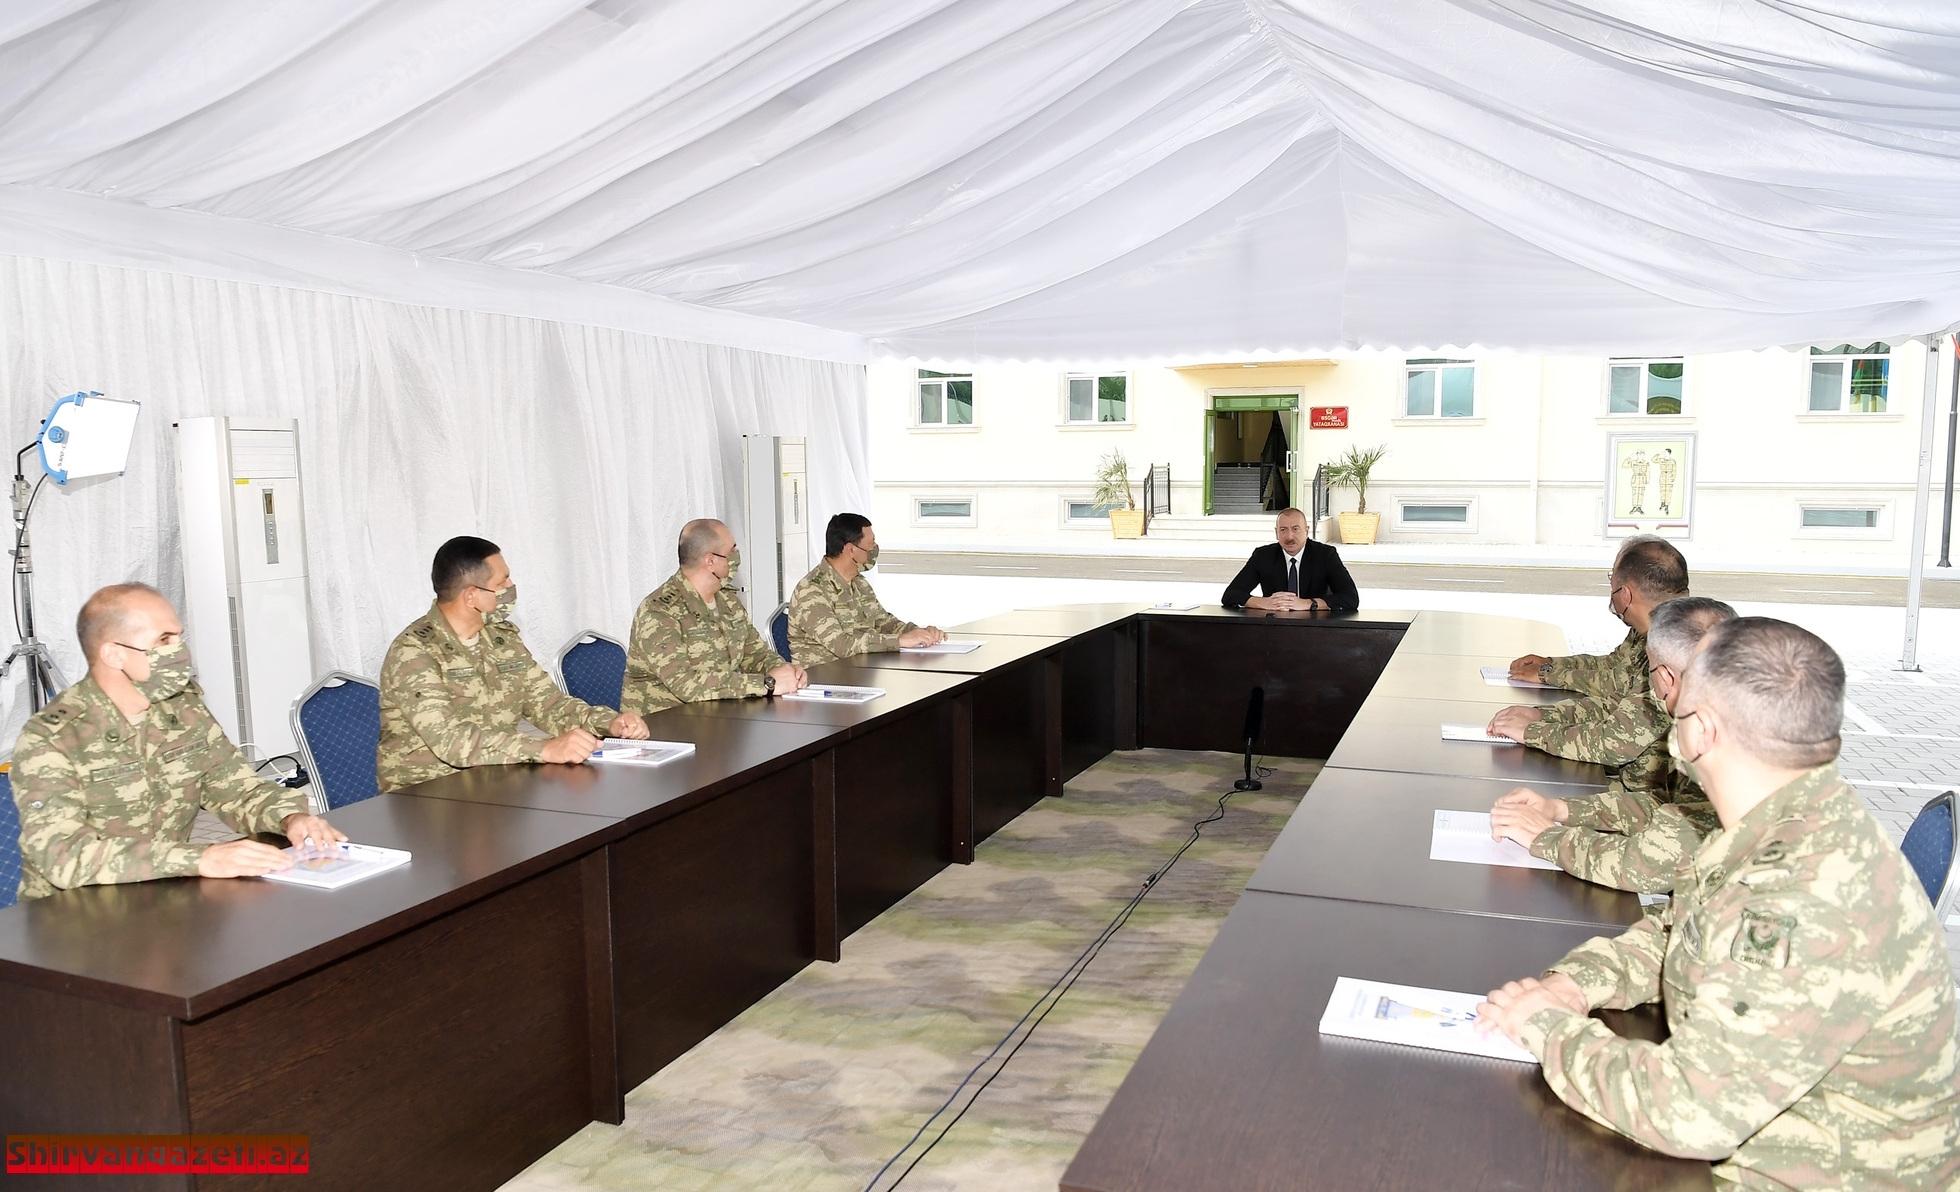 Azərbaycan Ordusu Ali Baş Komandanın əmri ilə qarşısına qoyulan istənilən vəzifəni yerinə yetirməyə, torpaqlarımızı işğaldan azad etməyə hazırdır